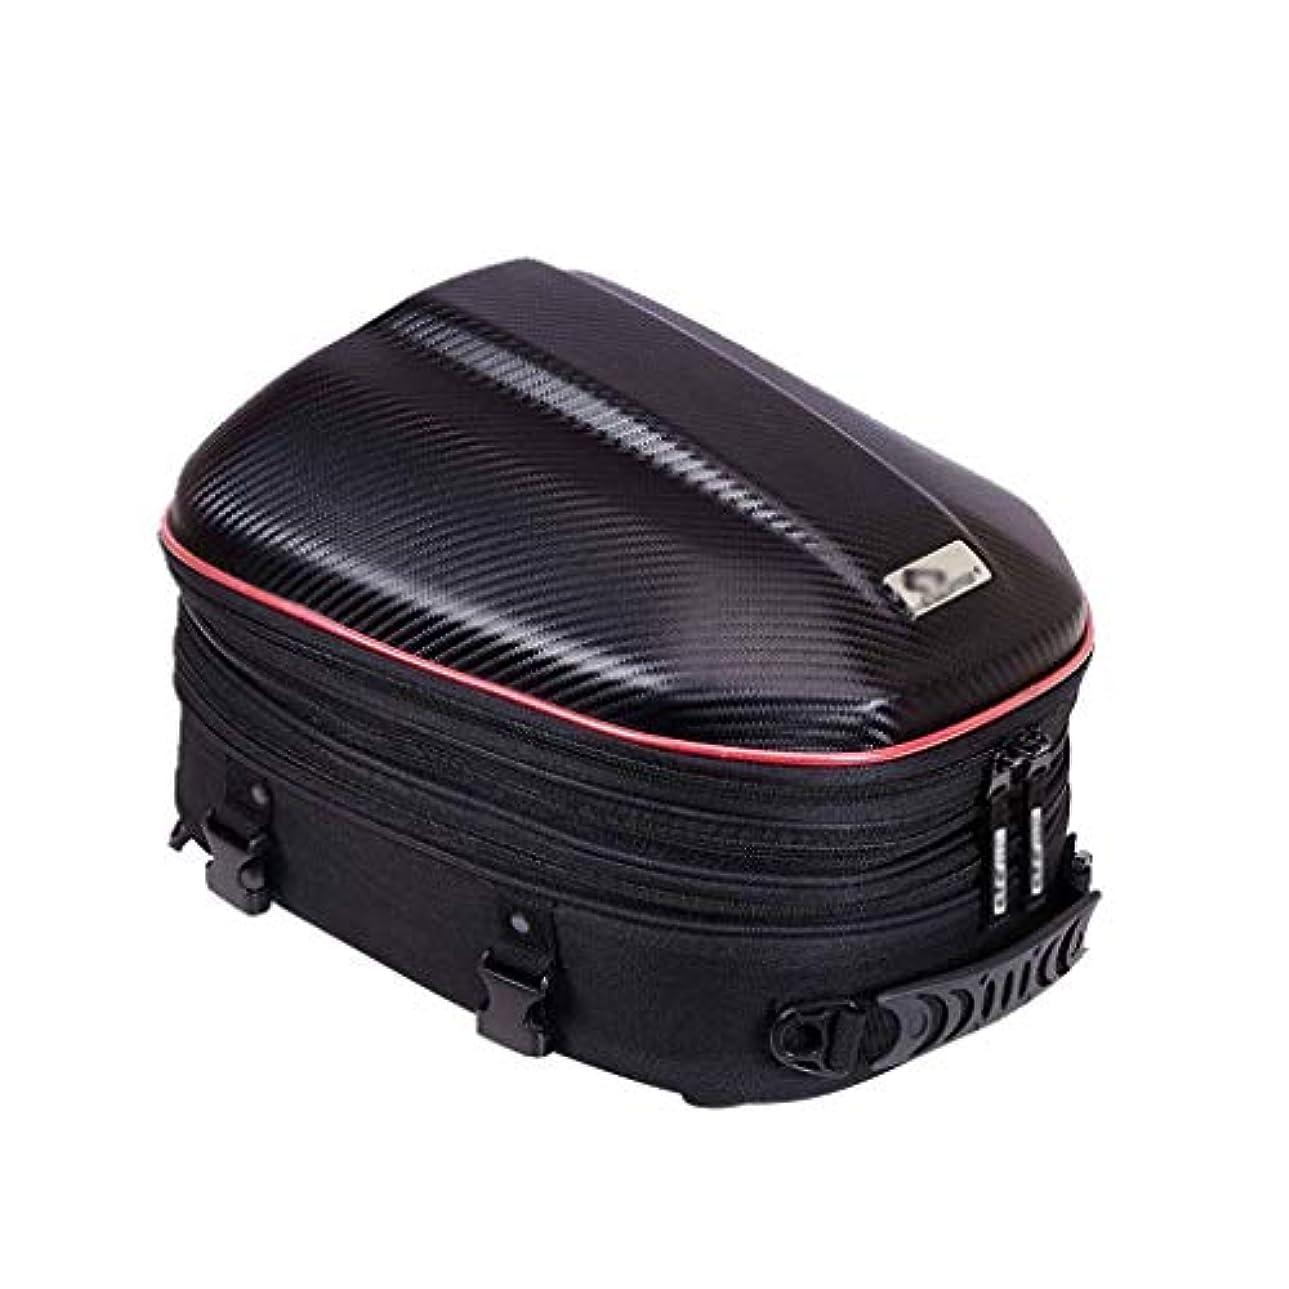 メール持ってる再発するオートバイテールバッグ/拡張可能なシートバッグ多機能ハードシェルPU防水スポーツオートバイシートバックツールバッグ荷物キャリーバッグバイクストレージタンクバッグ-赤